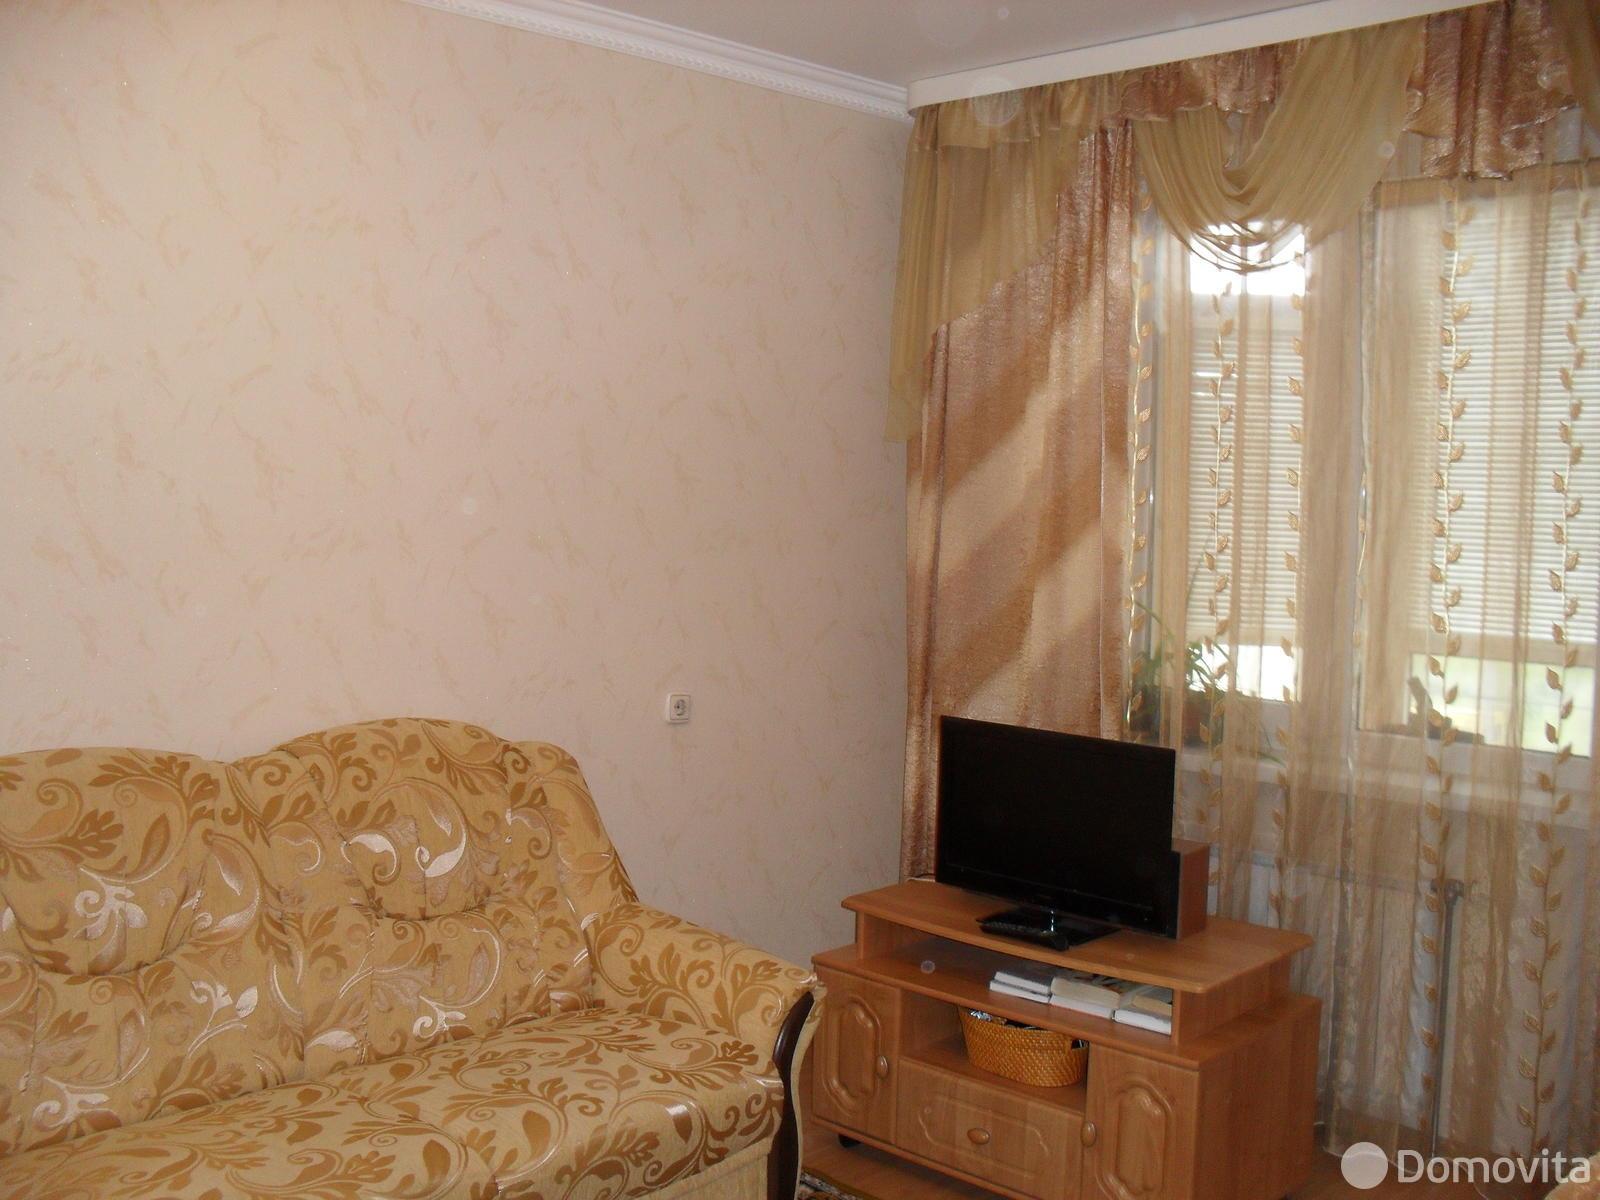 Продажа 2-комнатной квартиры в Минске, ул. Наполеона Орды, д. 35 - фото 4